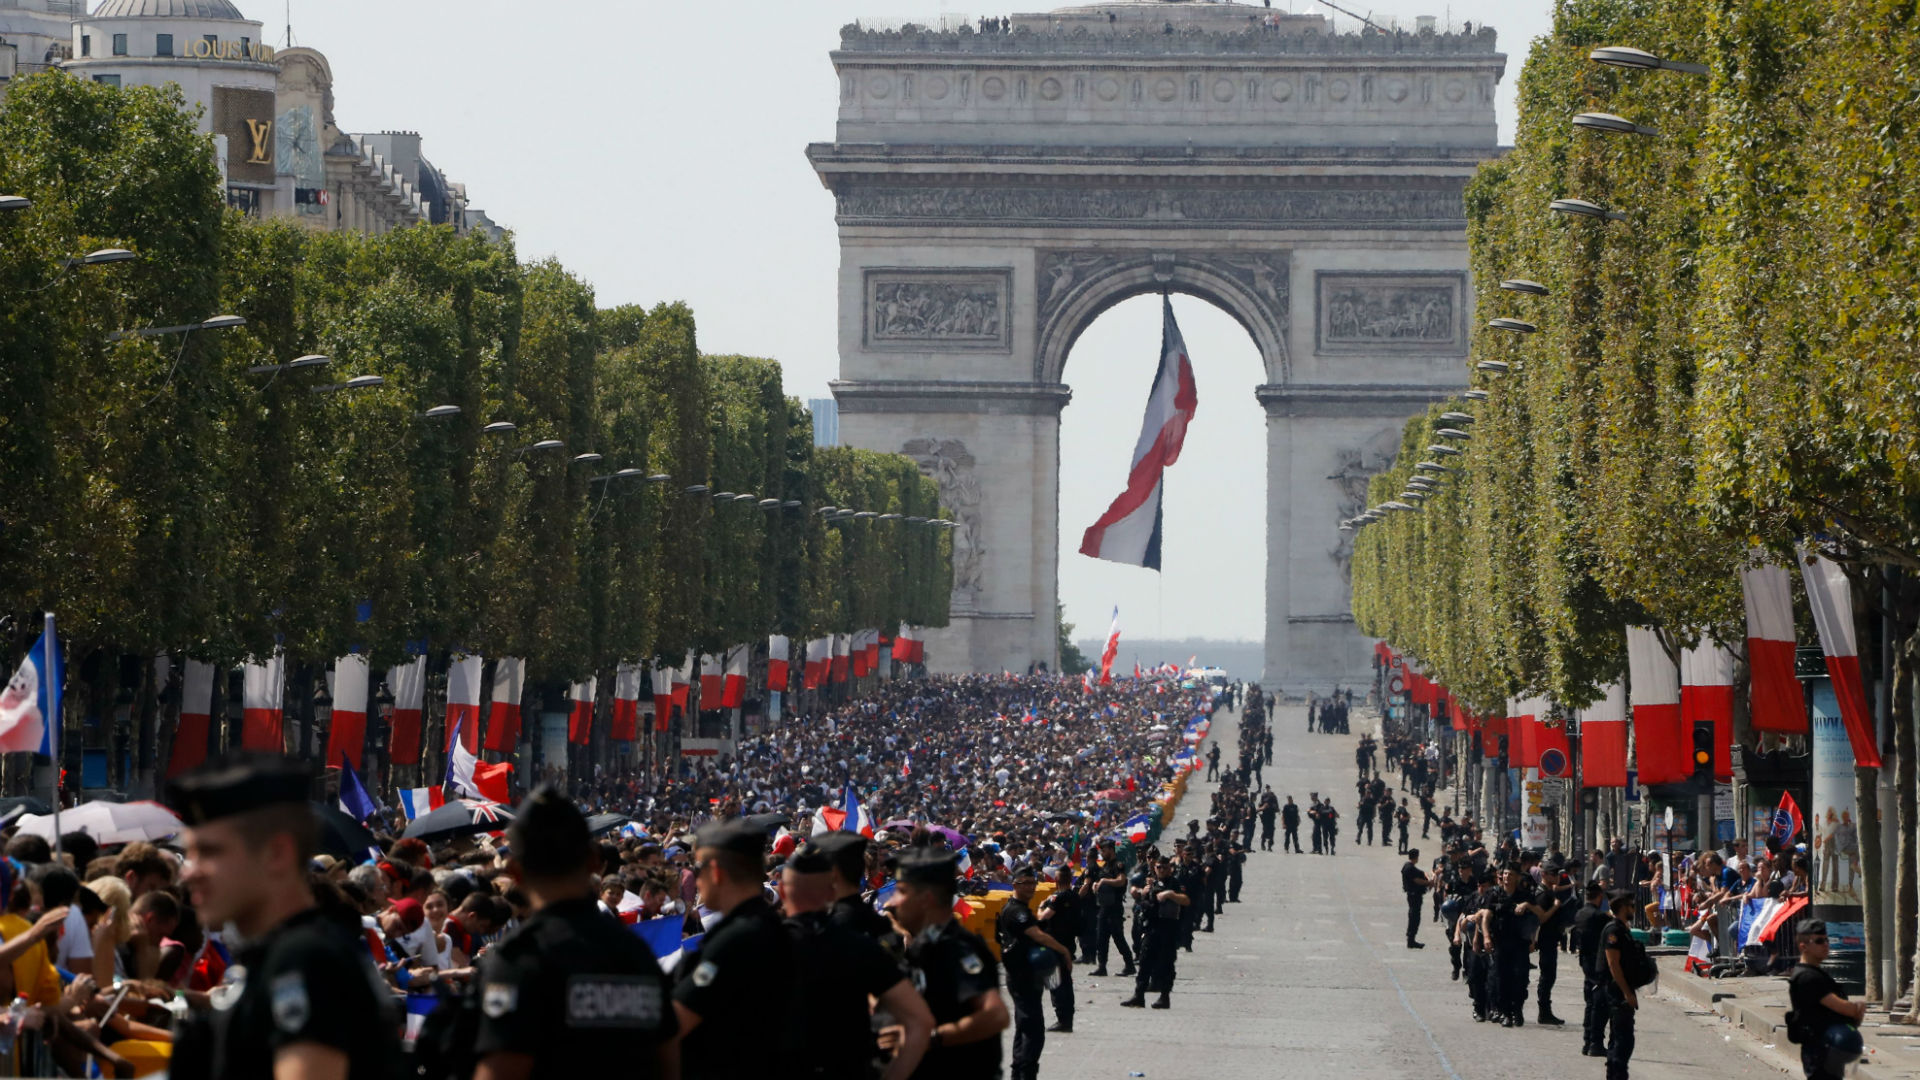 Champs Elysees Paris France 16072018